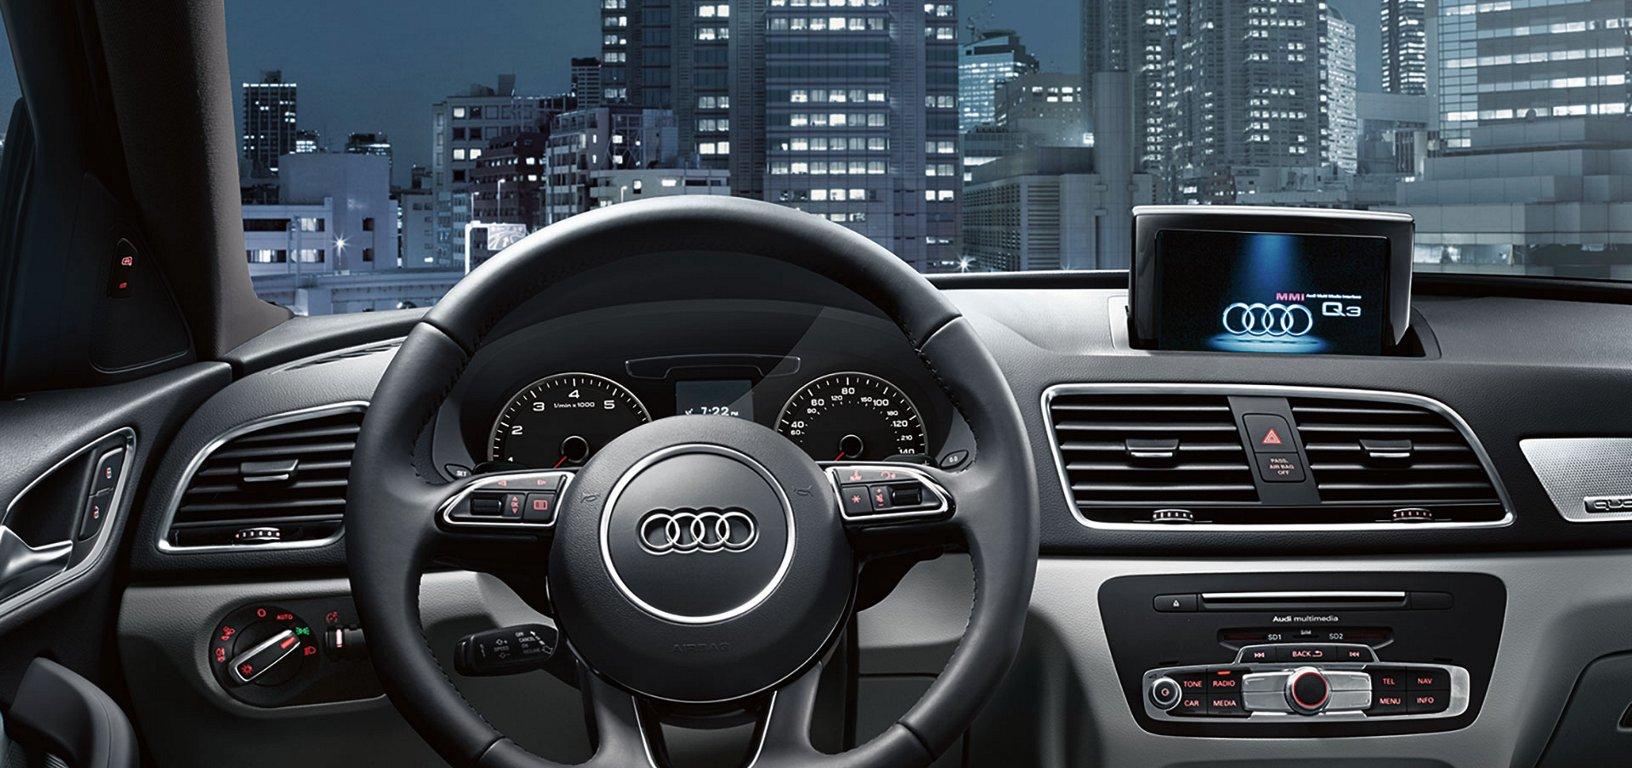 New Audi Q3 Interior main image